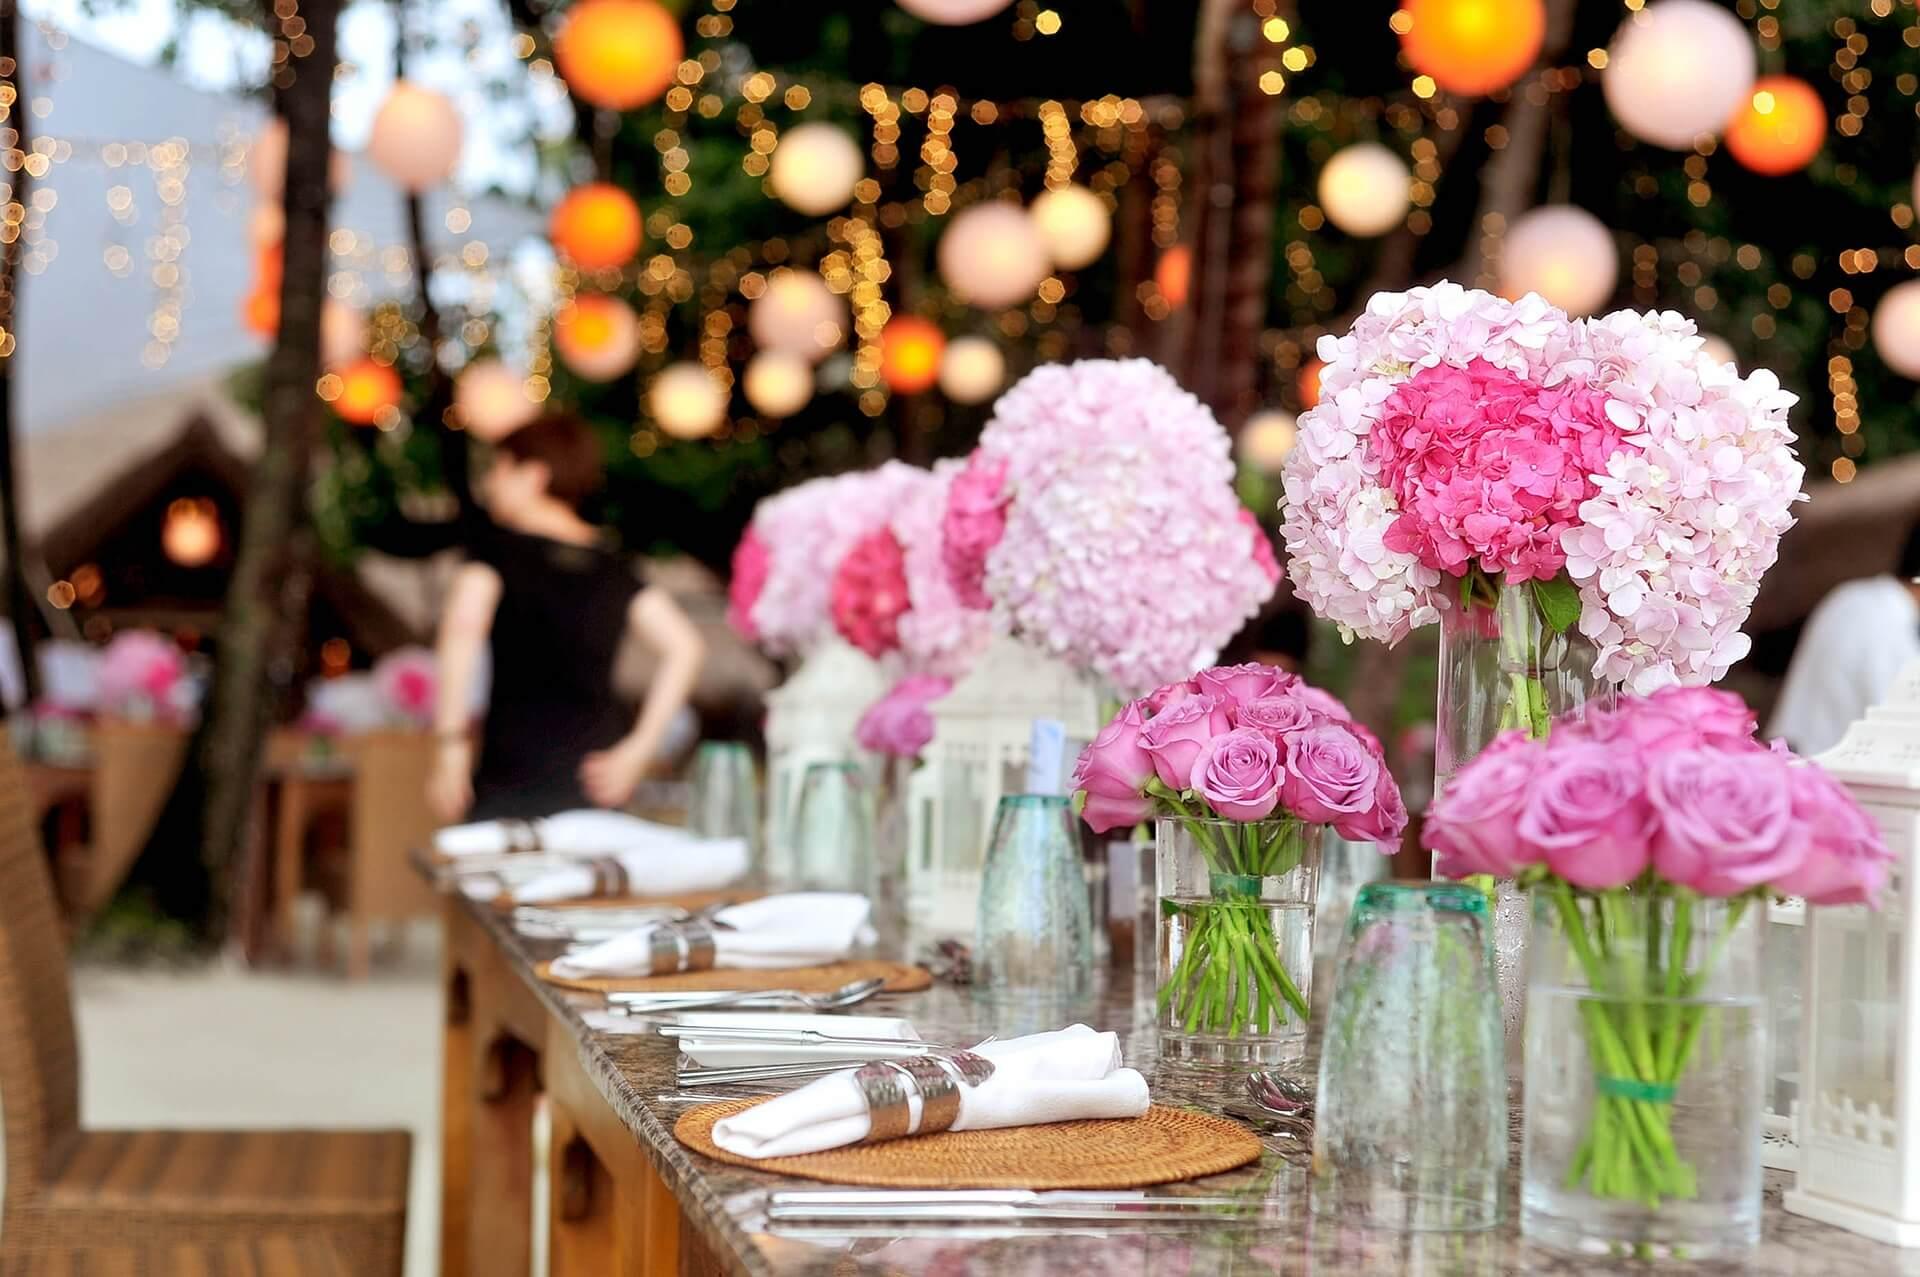 Efektowna dekoracja światłem sali weselnej